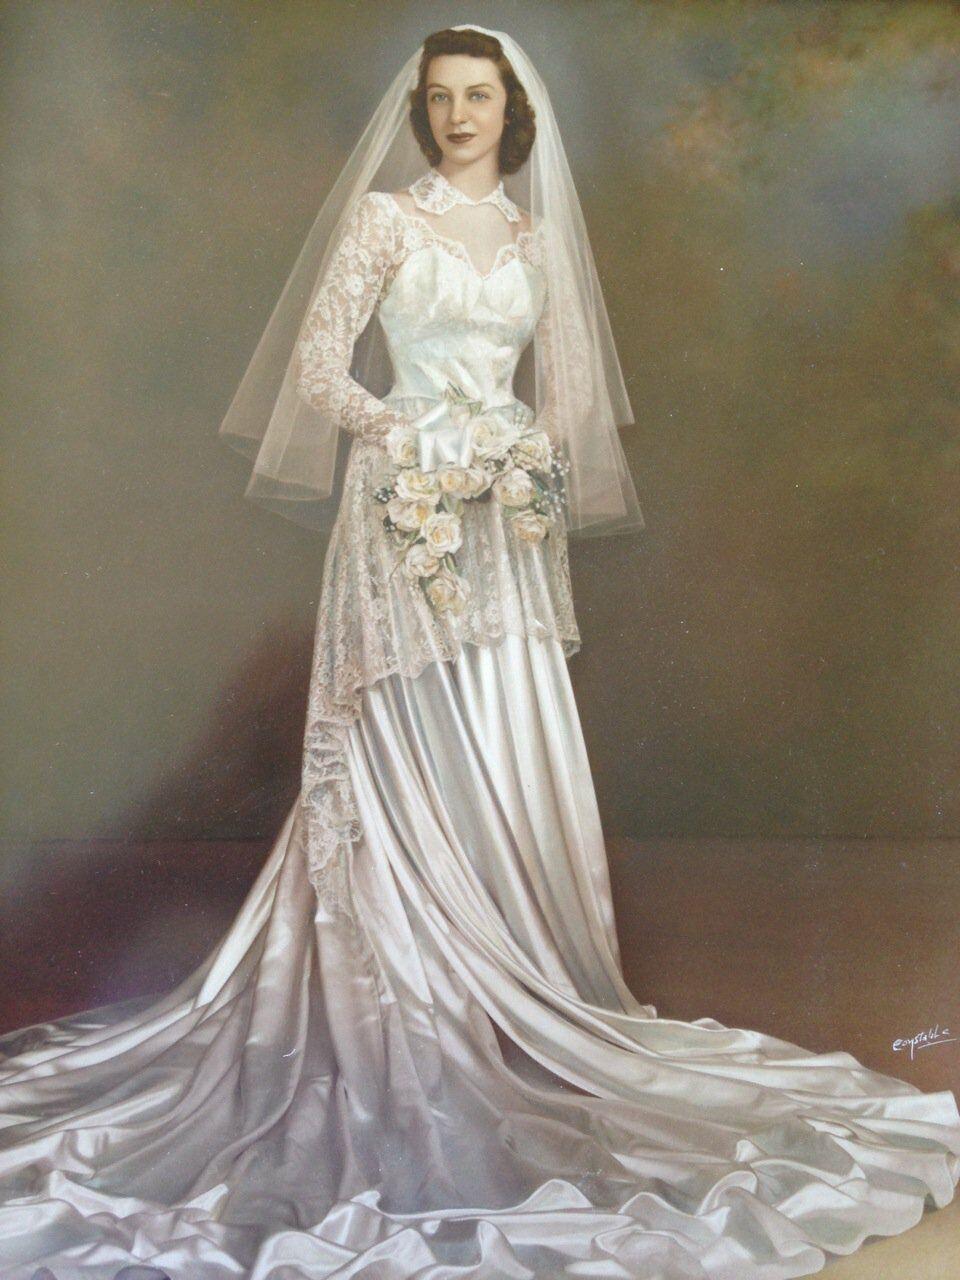 Vintage 1950s bridal portrait for 1950s wedding guest dresses